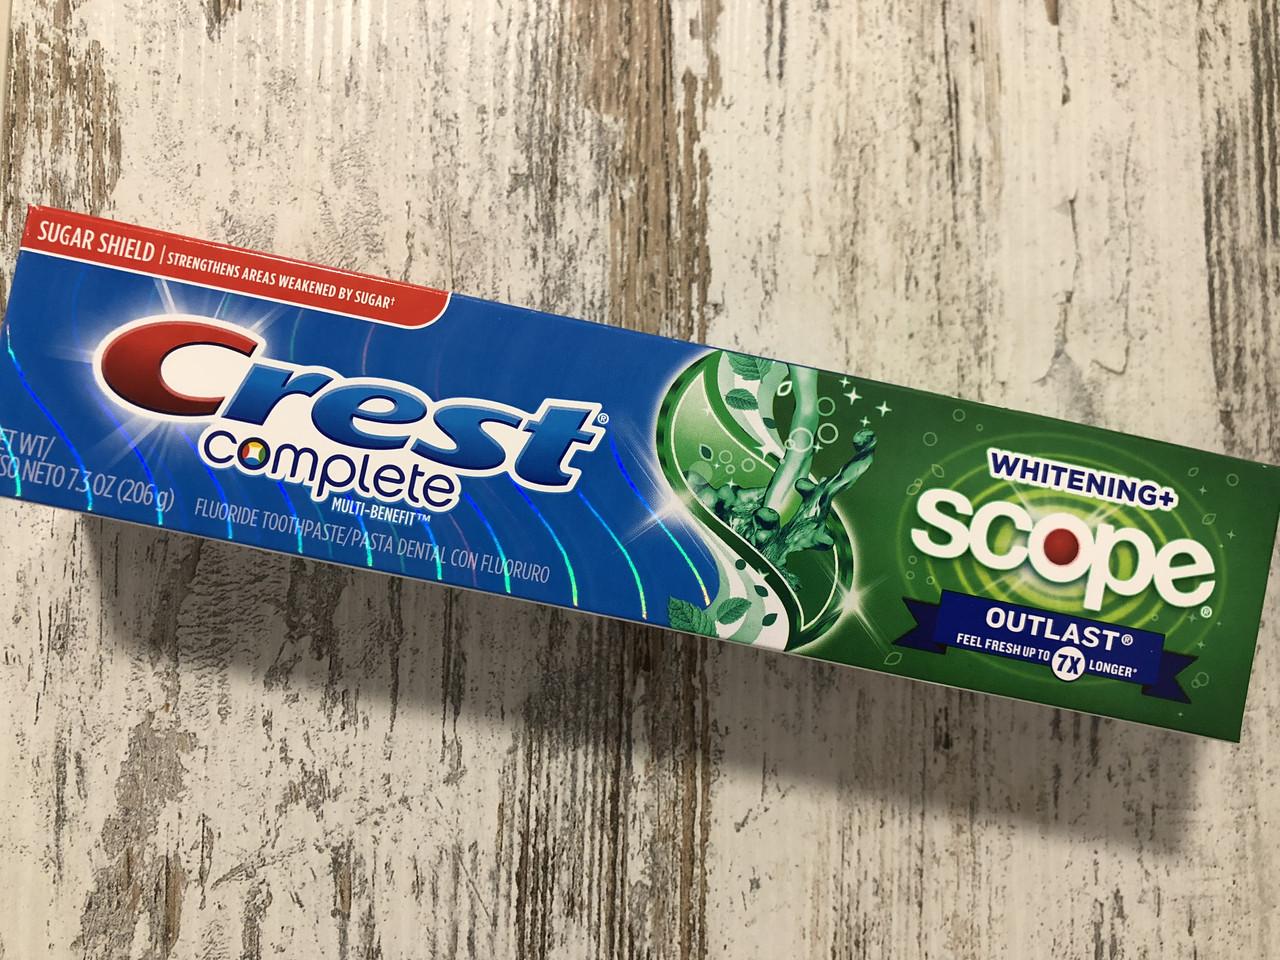 Зубная паста необыкновенной свежести дыхания Crest Scope Outlast, 206грамм